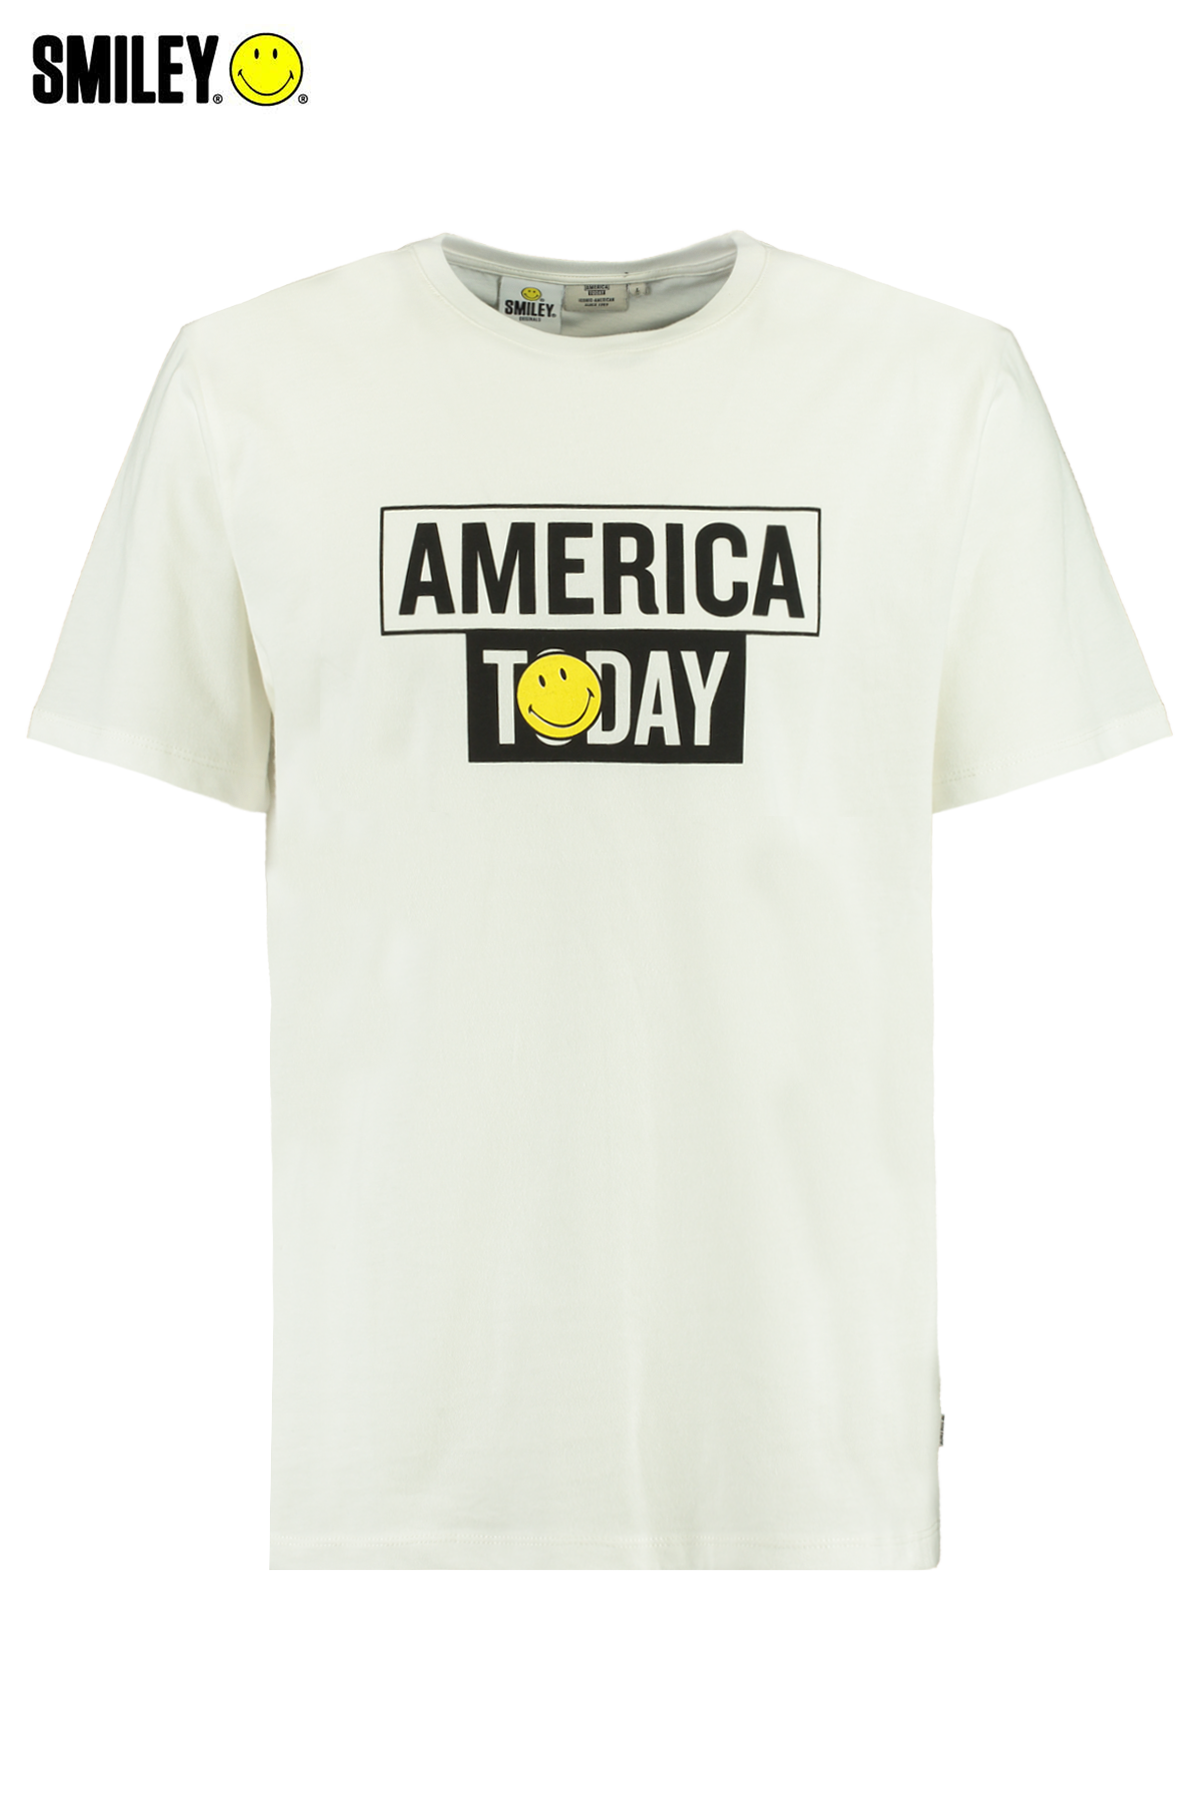 T-shirt Echo today